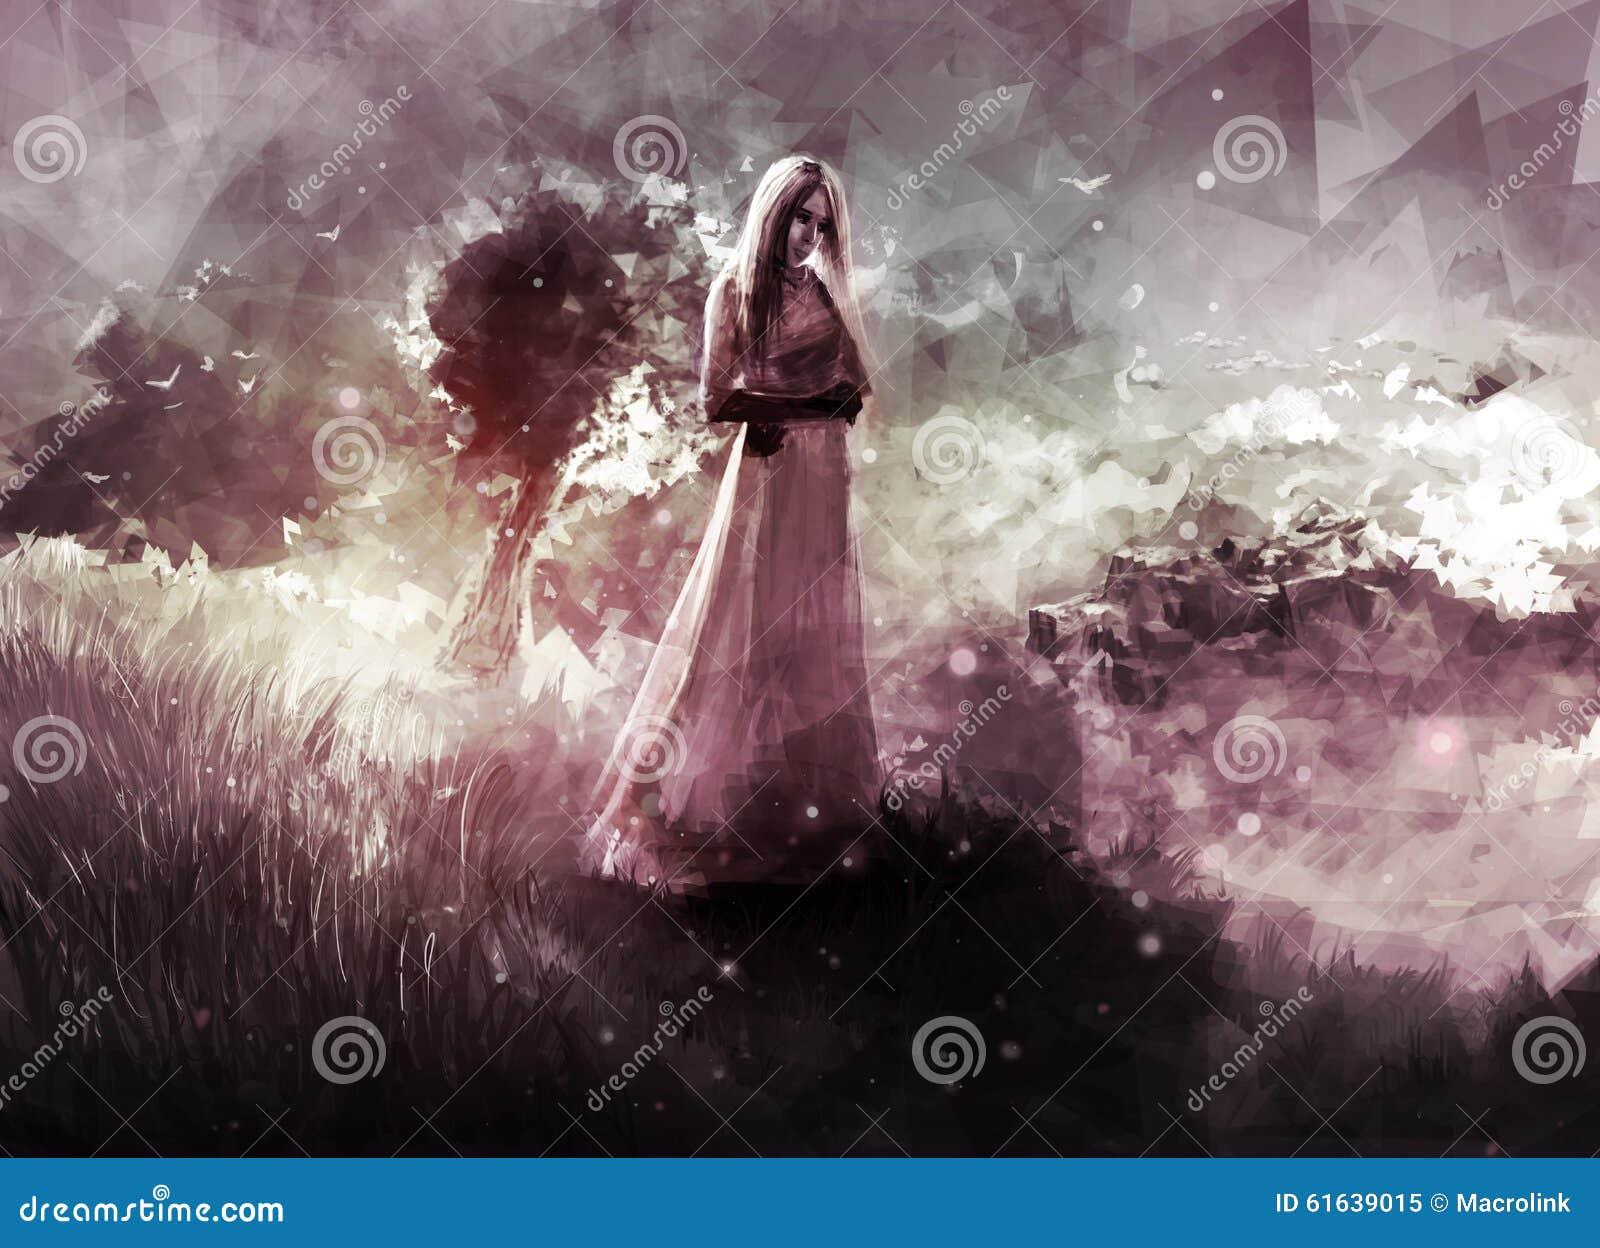 Paysage Avec La Fille Triste Illustration Stock Illustration Du